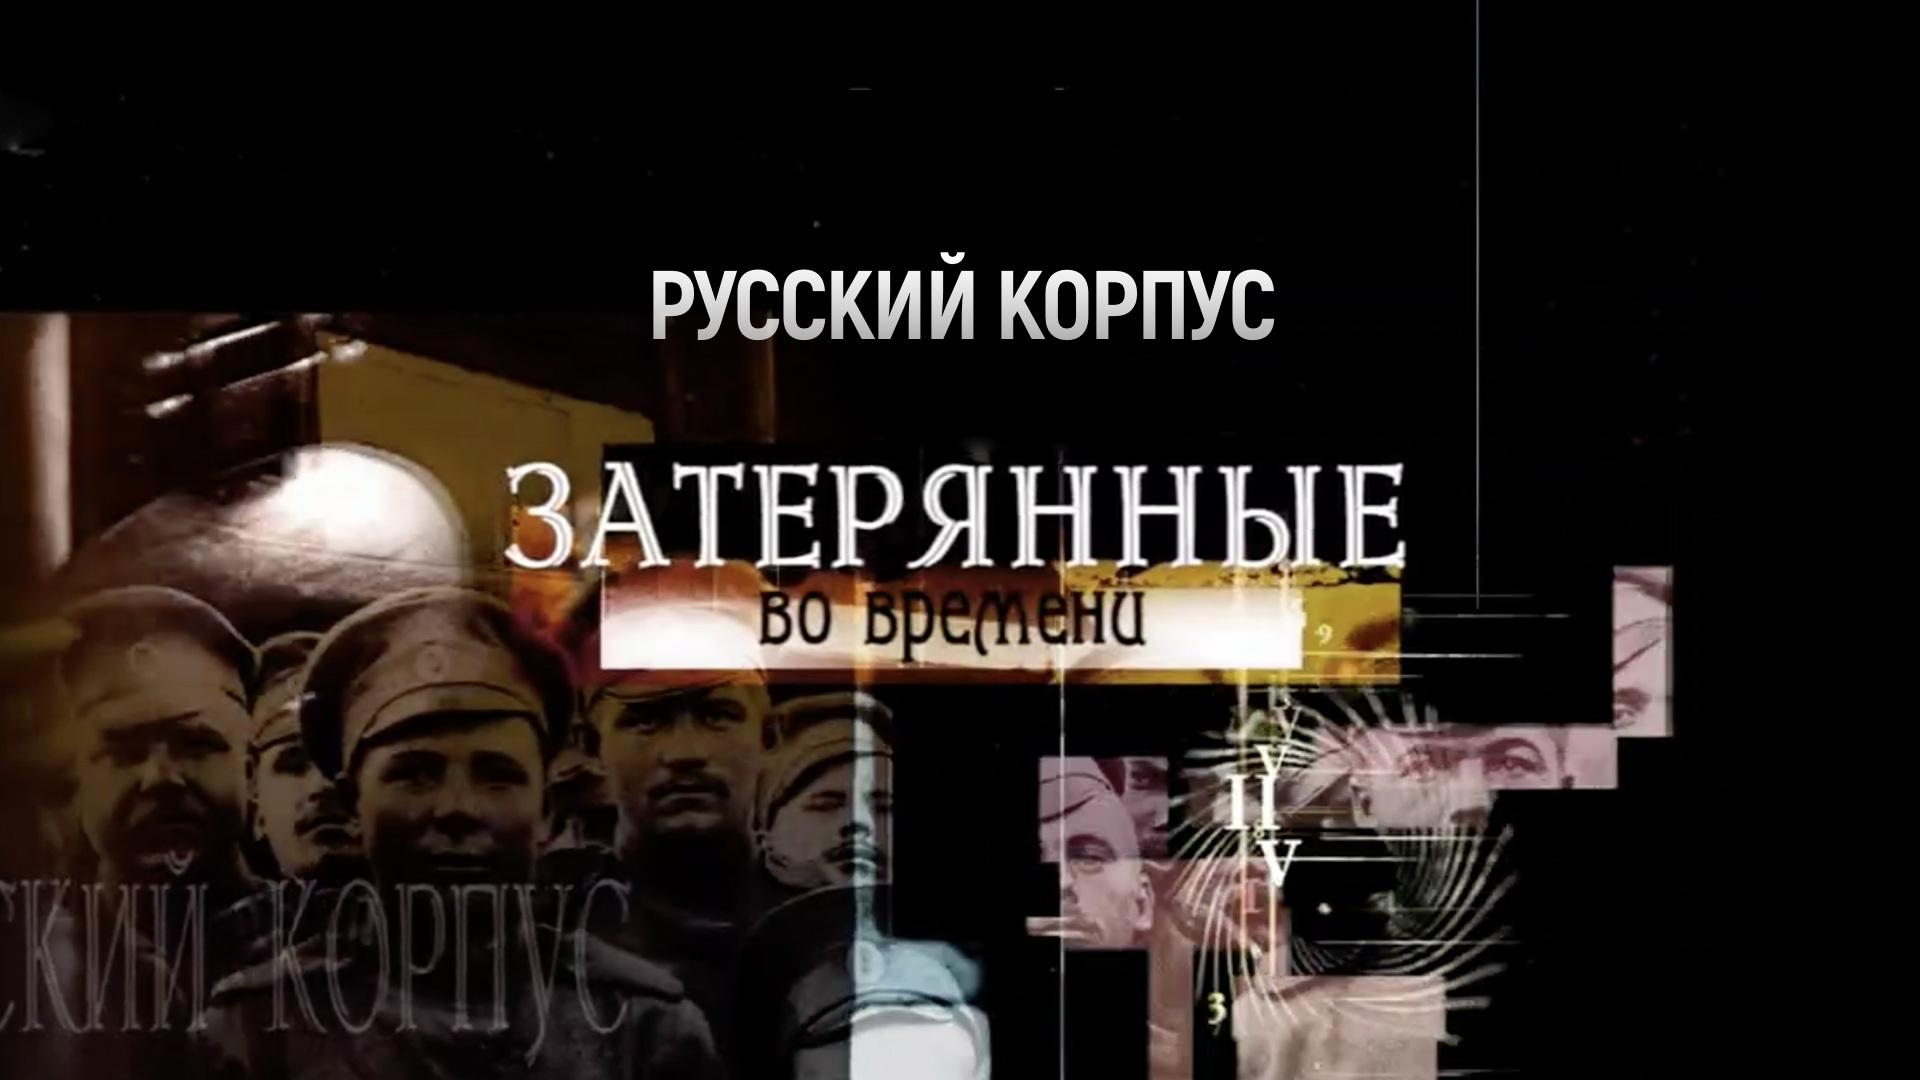 Русский корпус. Затерянные во времени